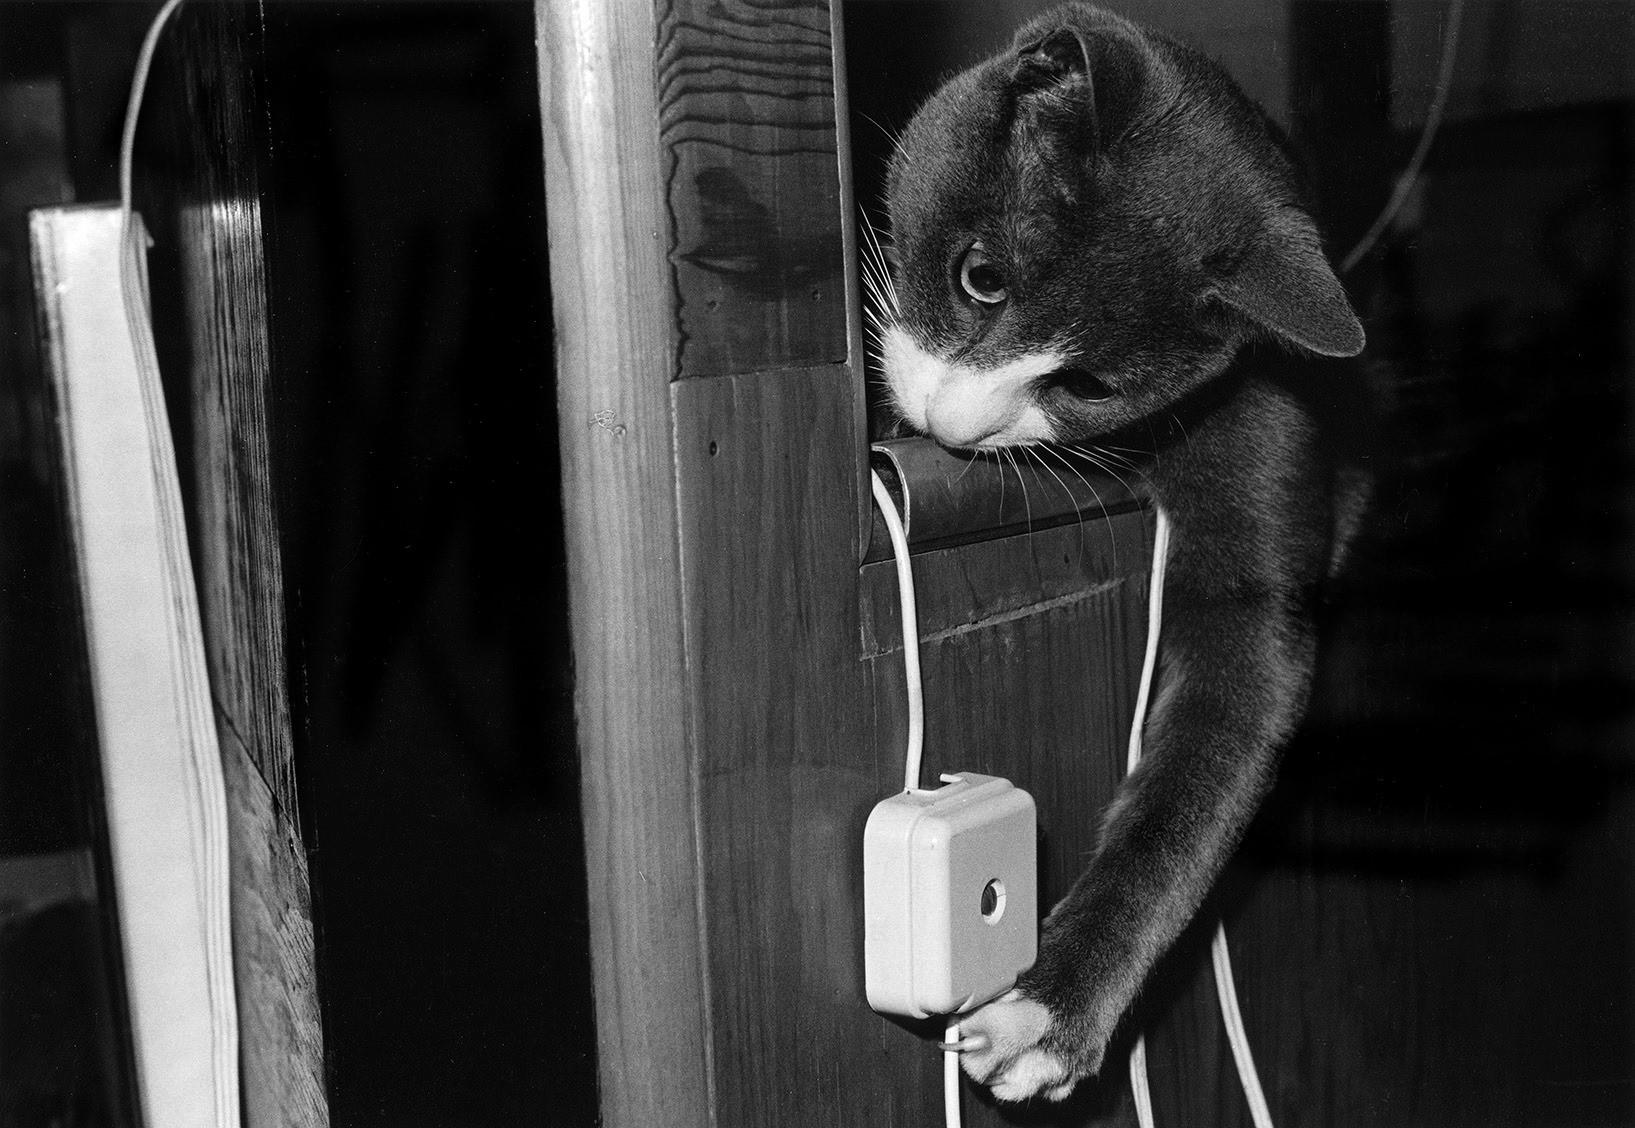 Эрни решает судьбу провода. Автор Тони Мендоса